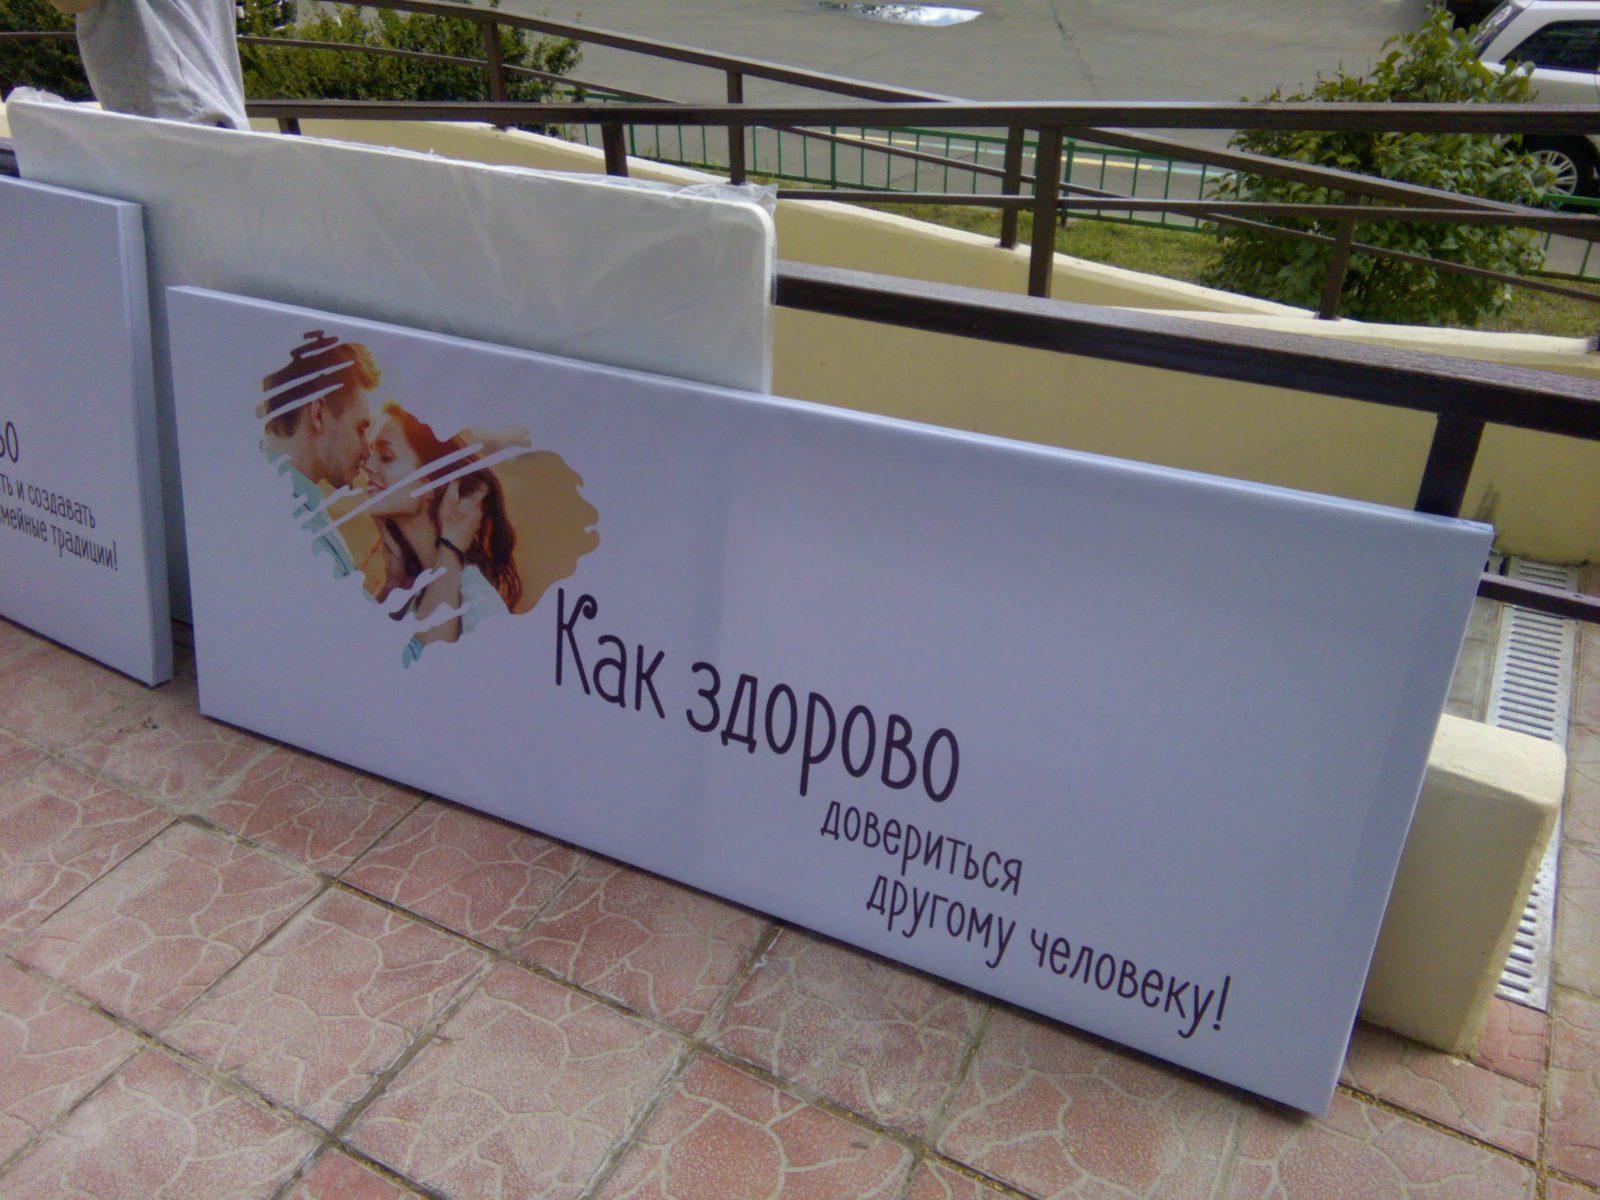 Типография Кунцевская